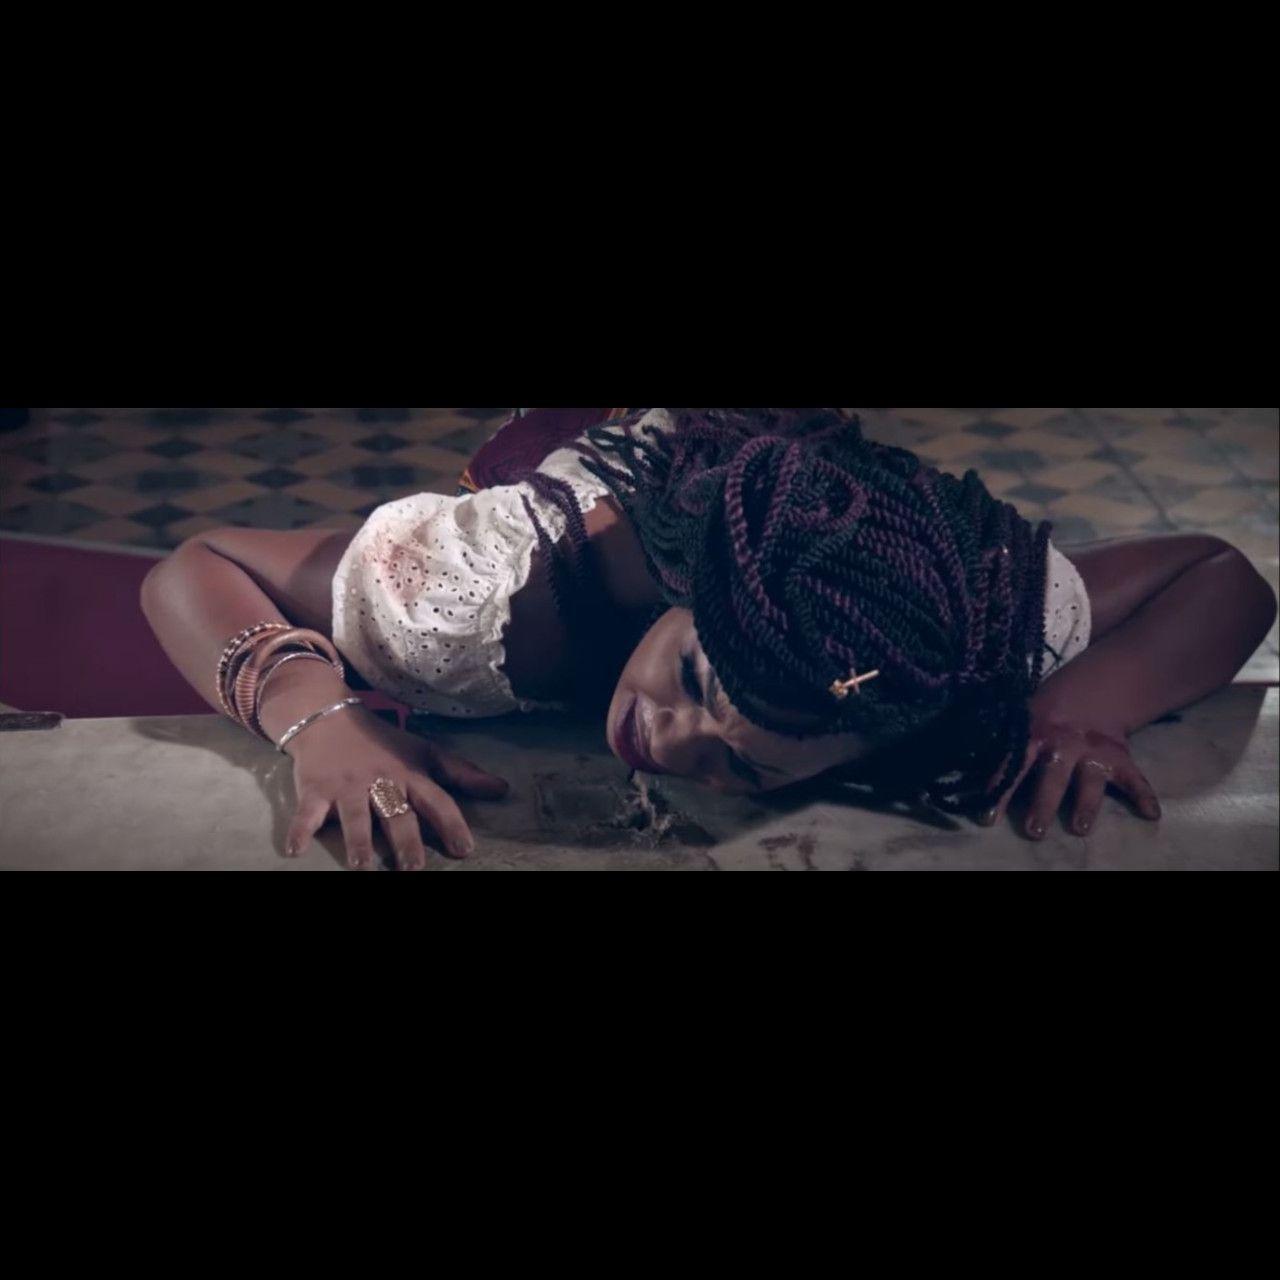 Jessye Belleval - Men aw si mwen (Zouk Mix) (Thumbnail)